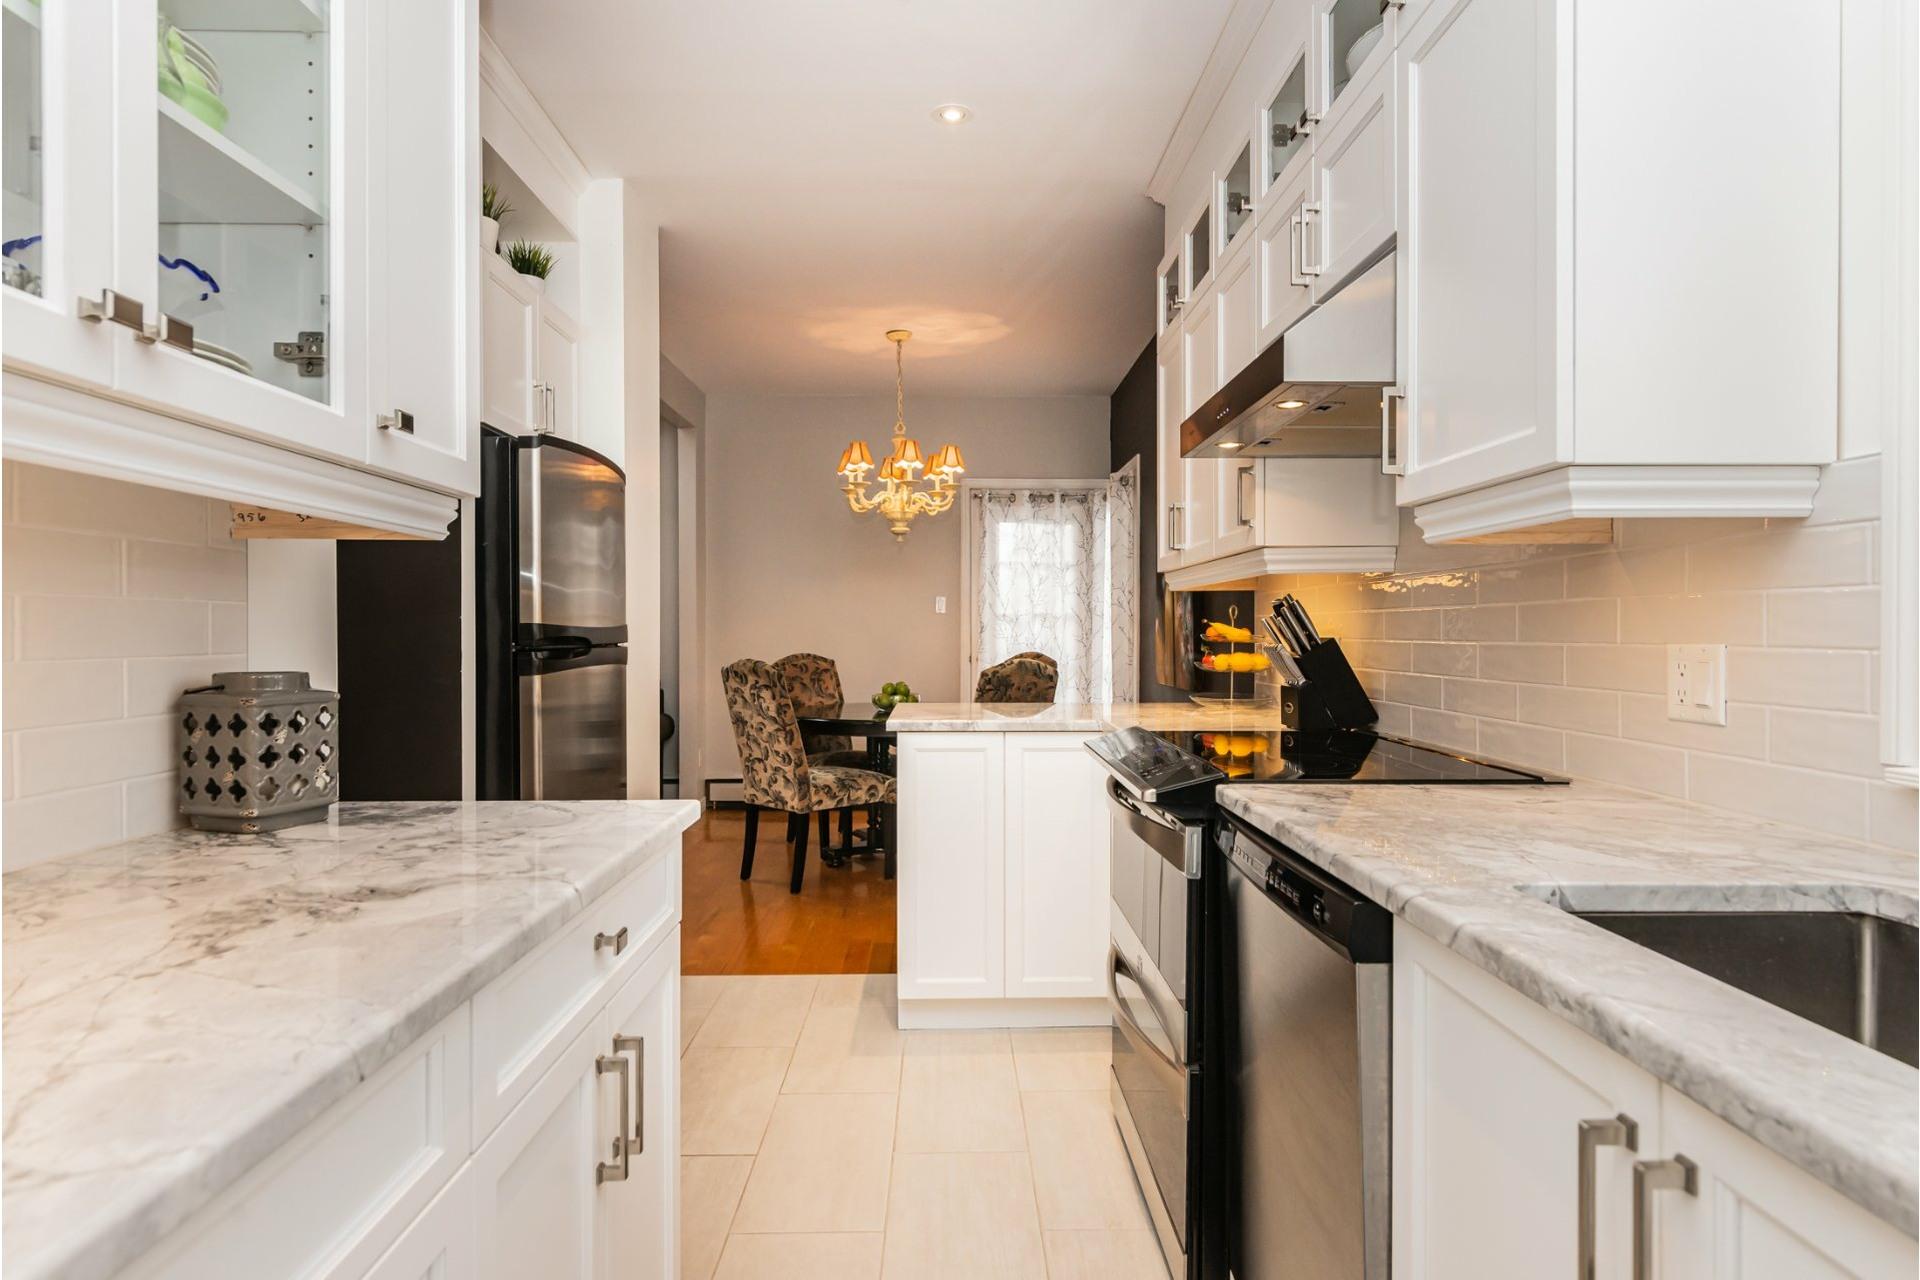 image 7 - Maison À vendre Pierrefonds-Roxboro Montréal  - 11 pièces